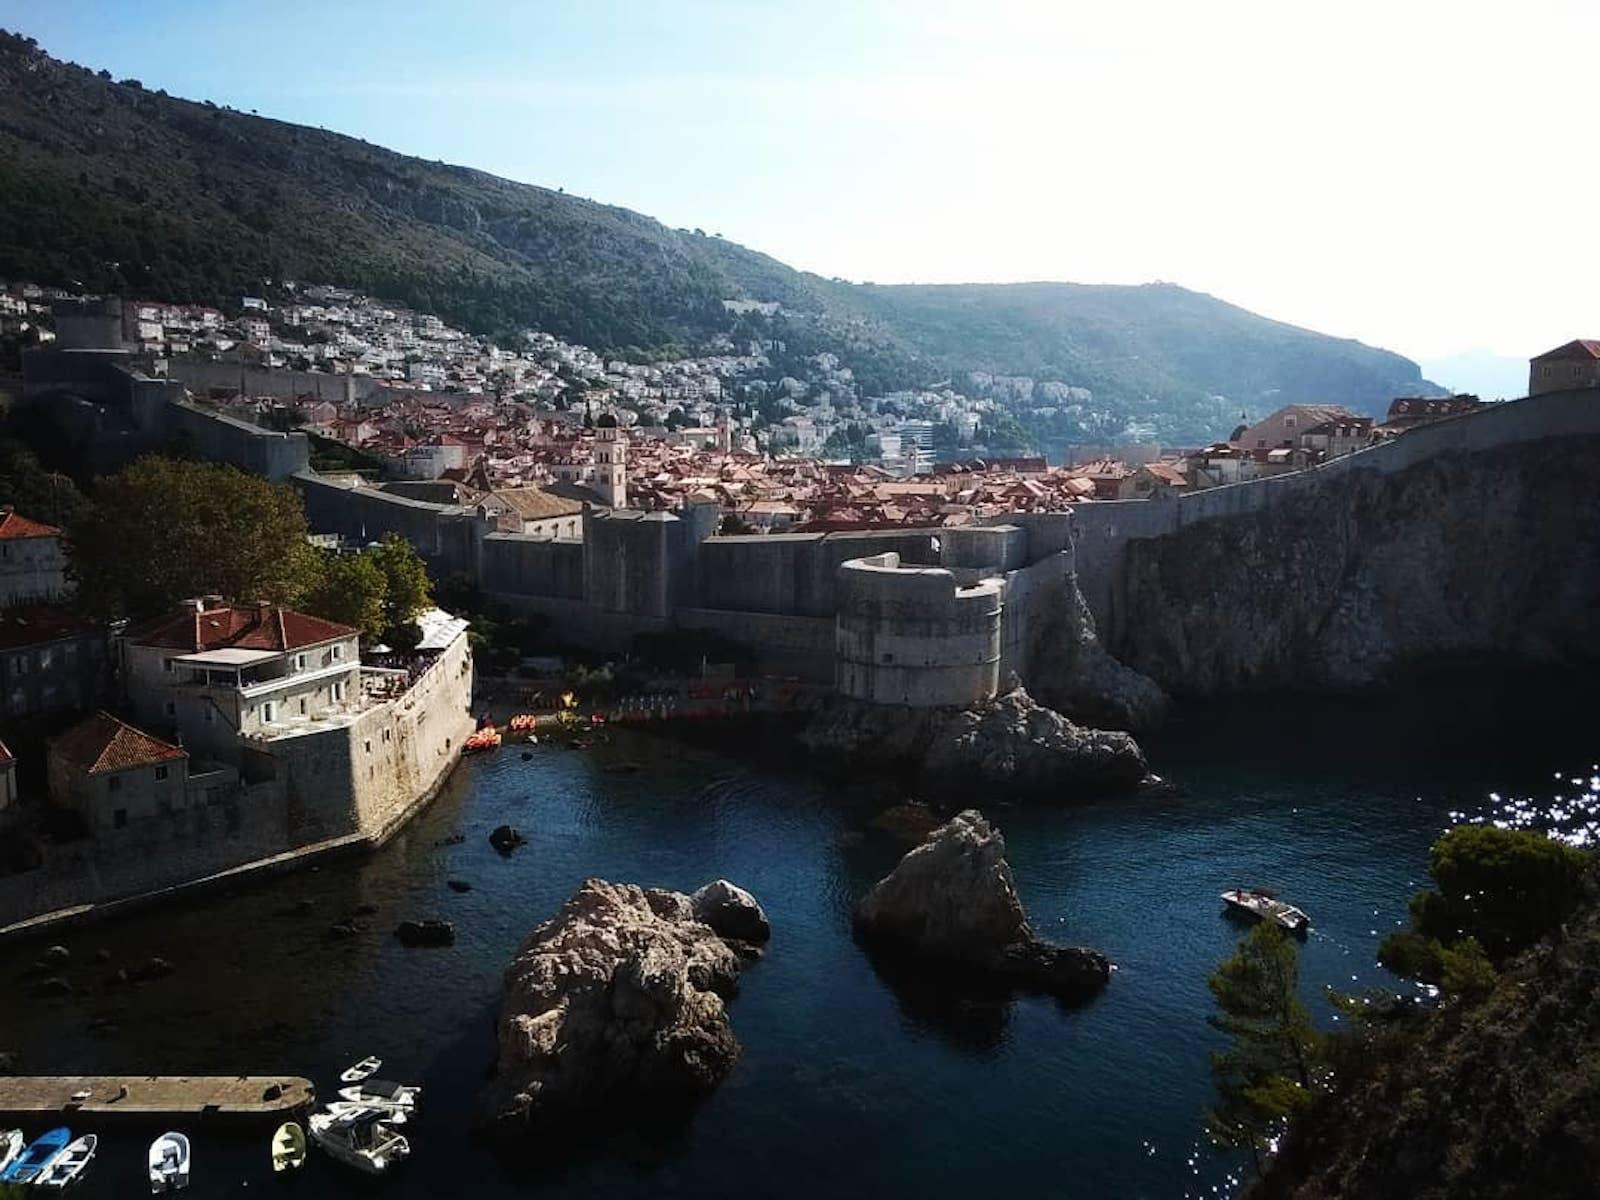 Kings Landing Game of Thrones Dubrovnik Croatia